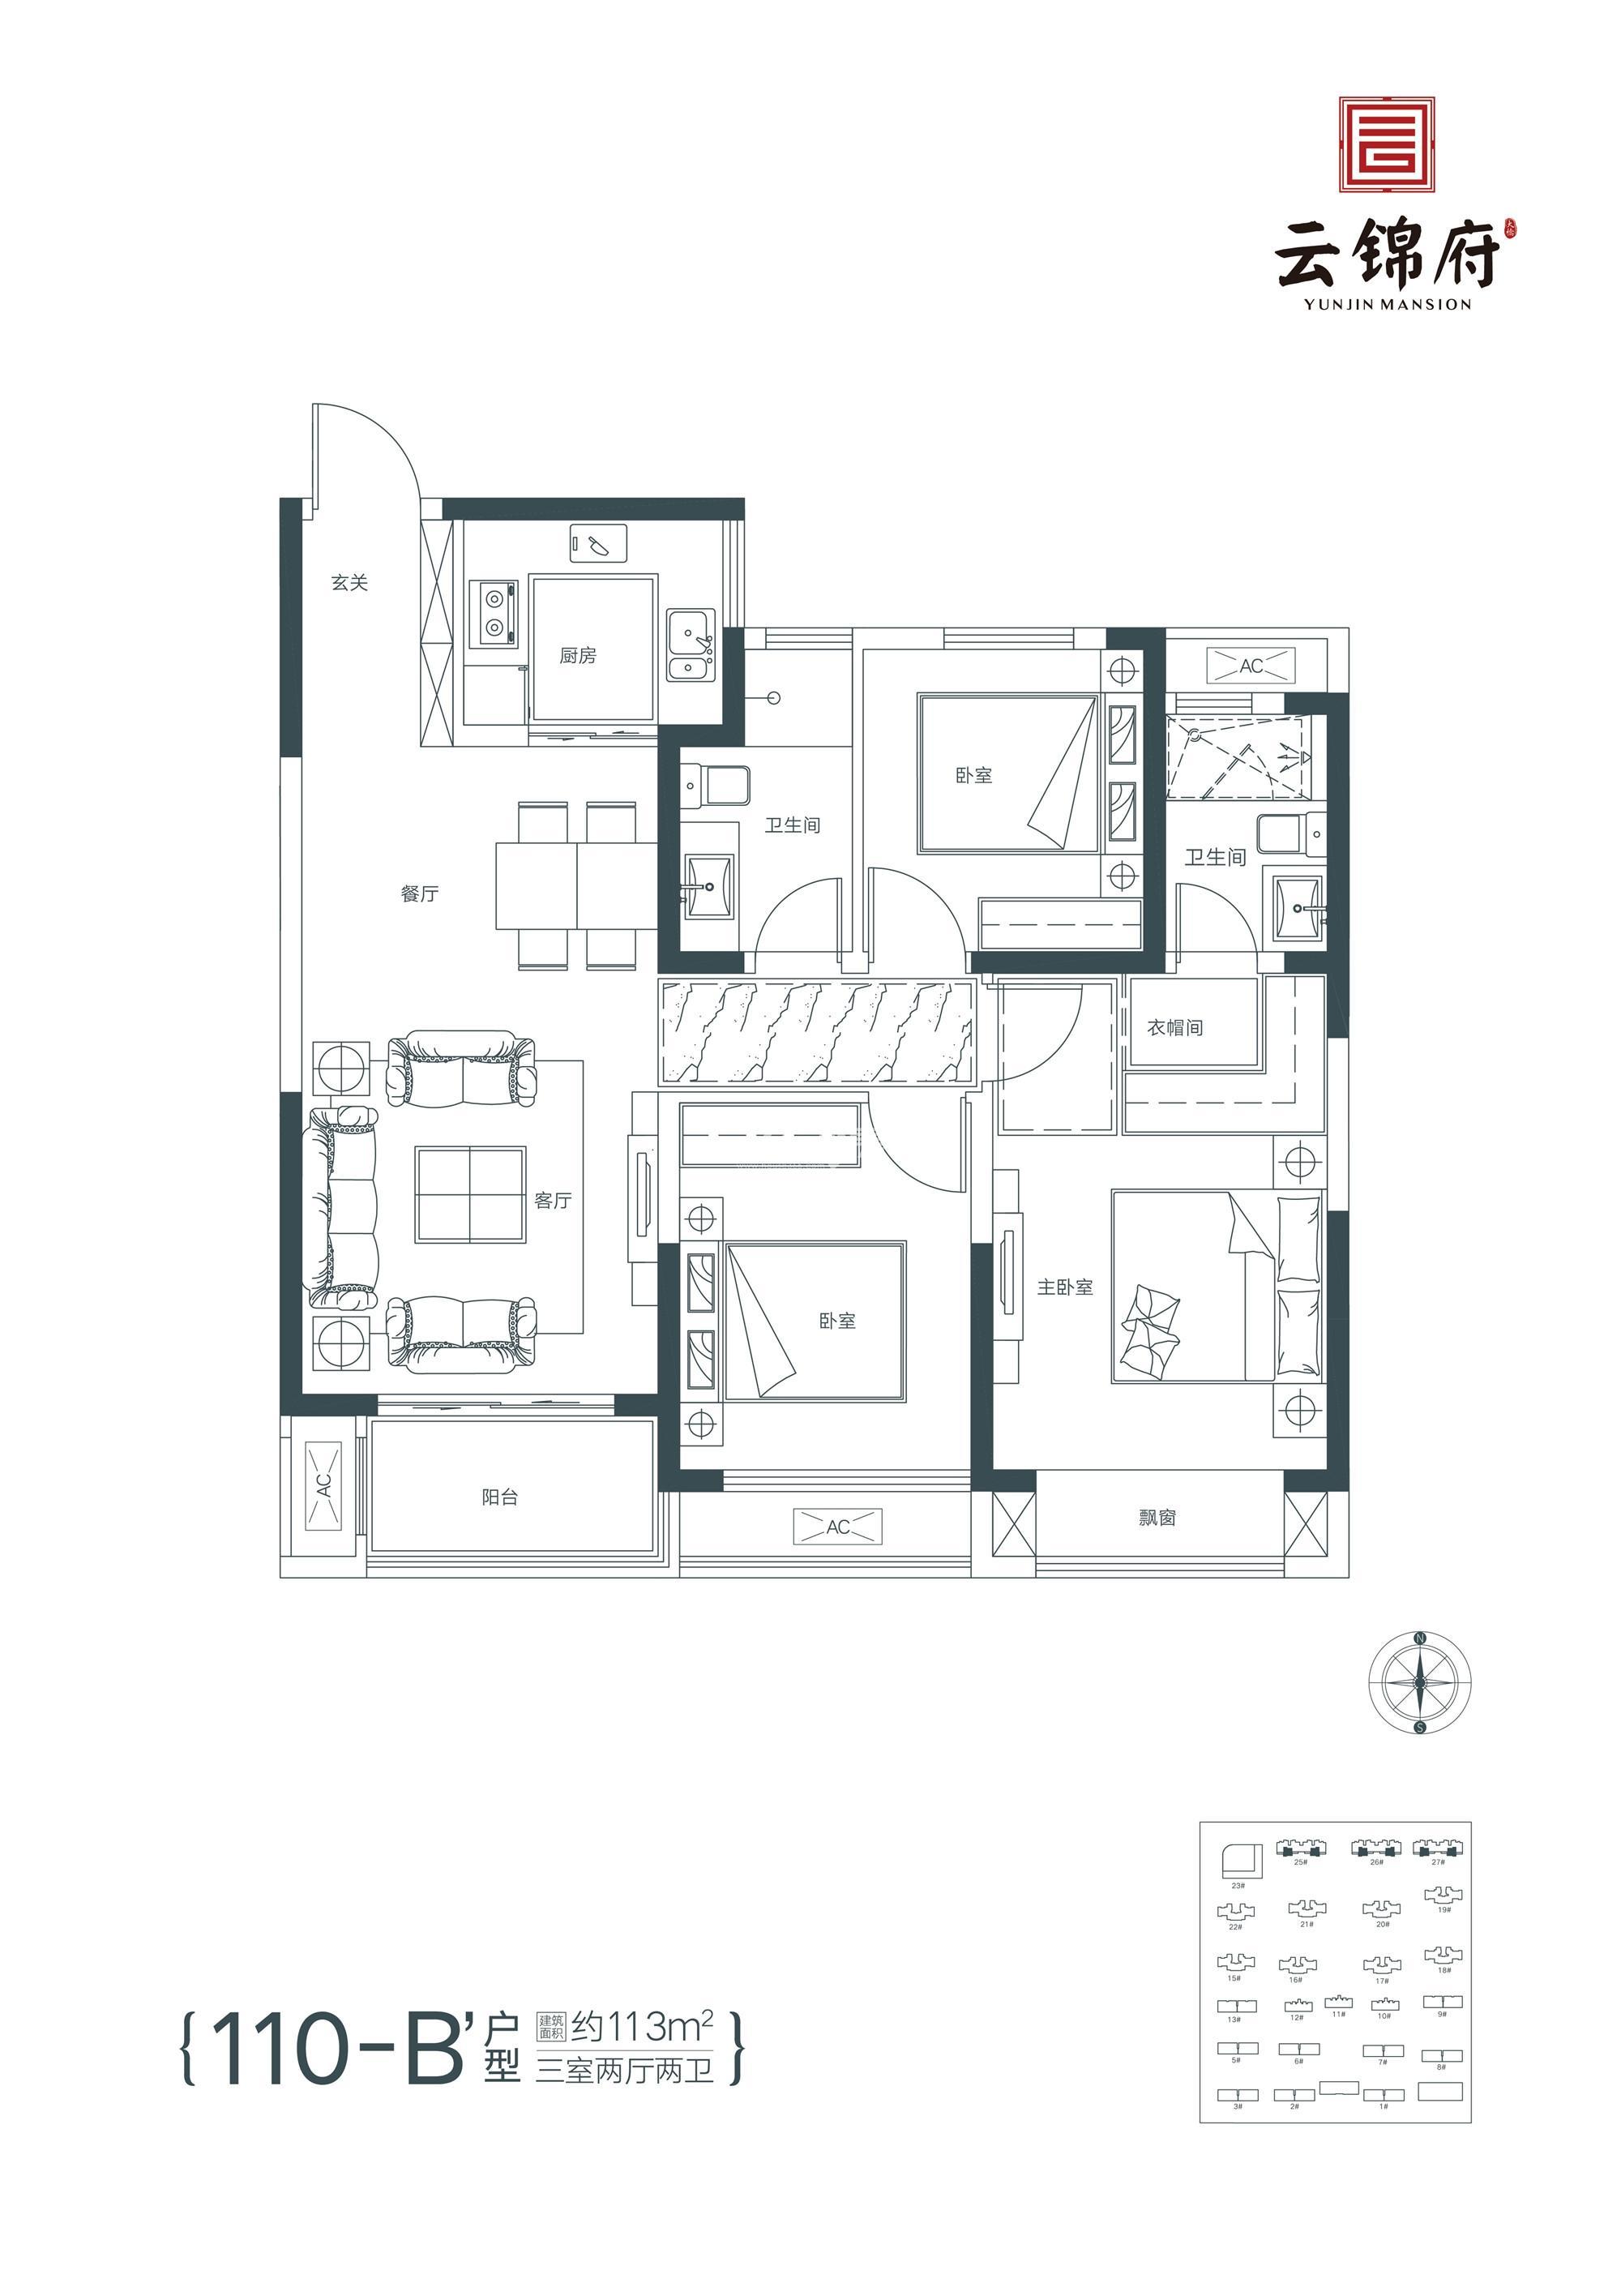 110-B 三室两厅两卫